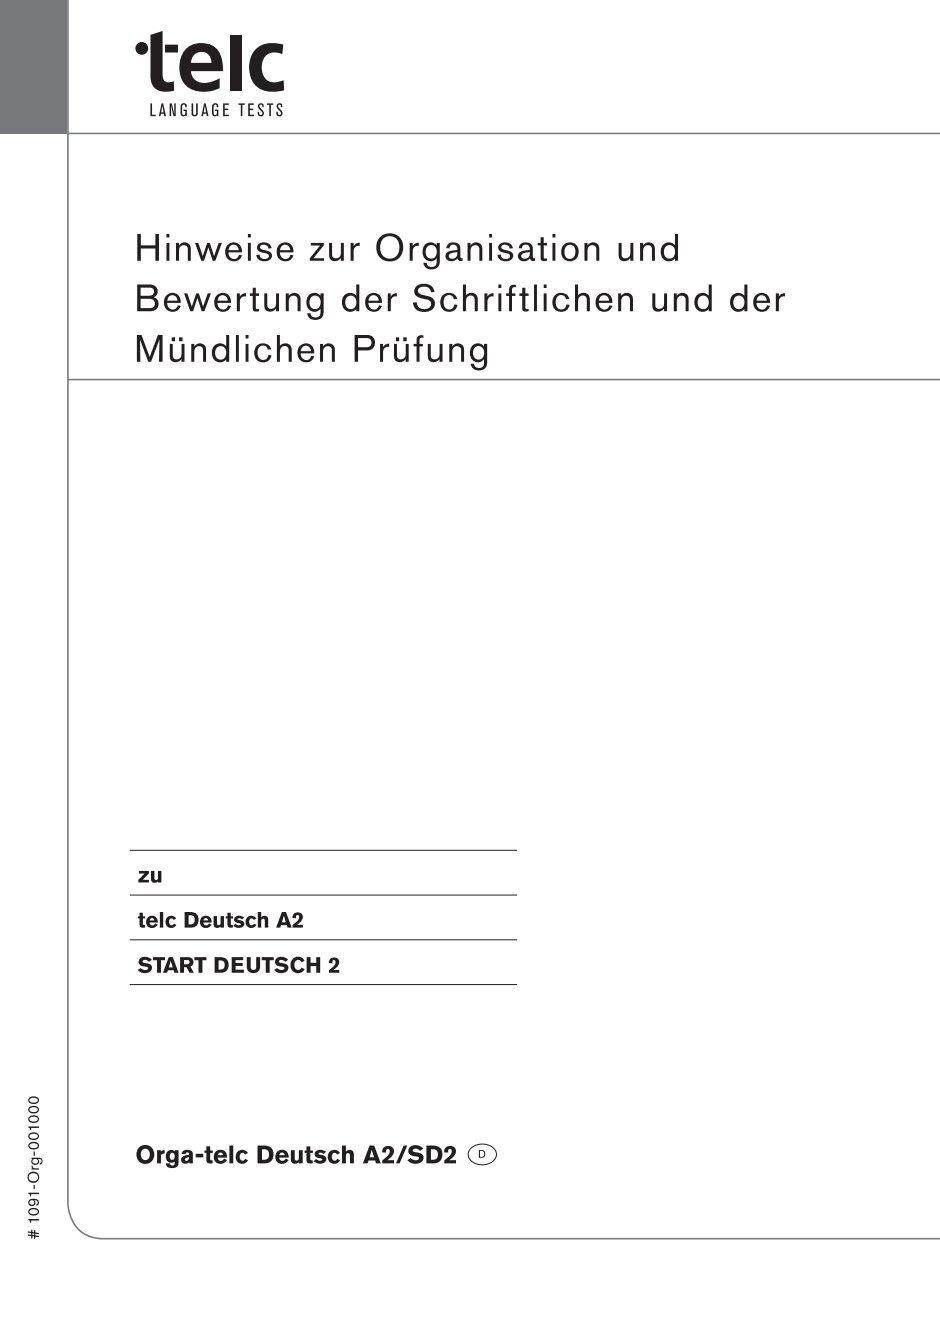 Start deutsch 1 test 2